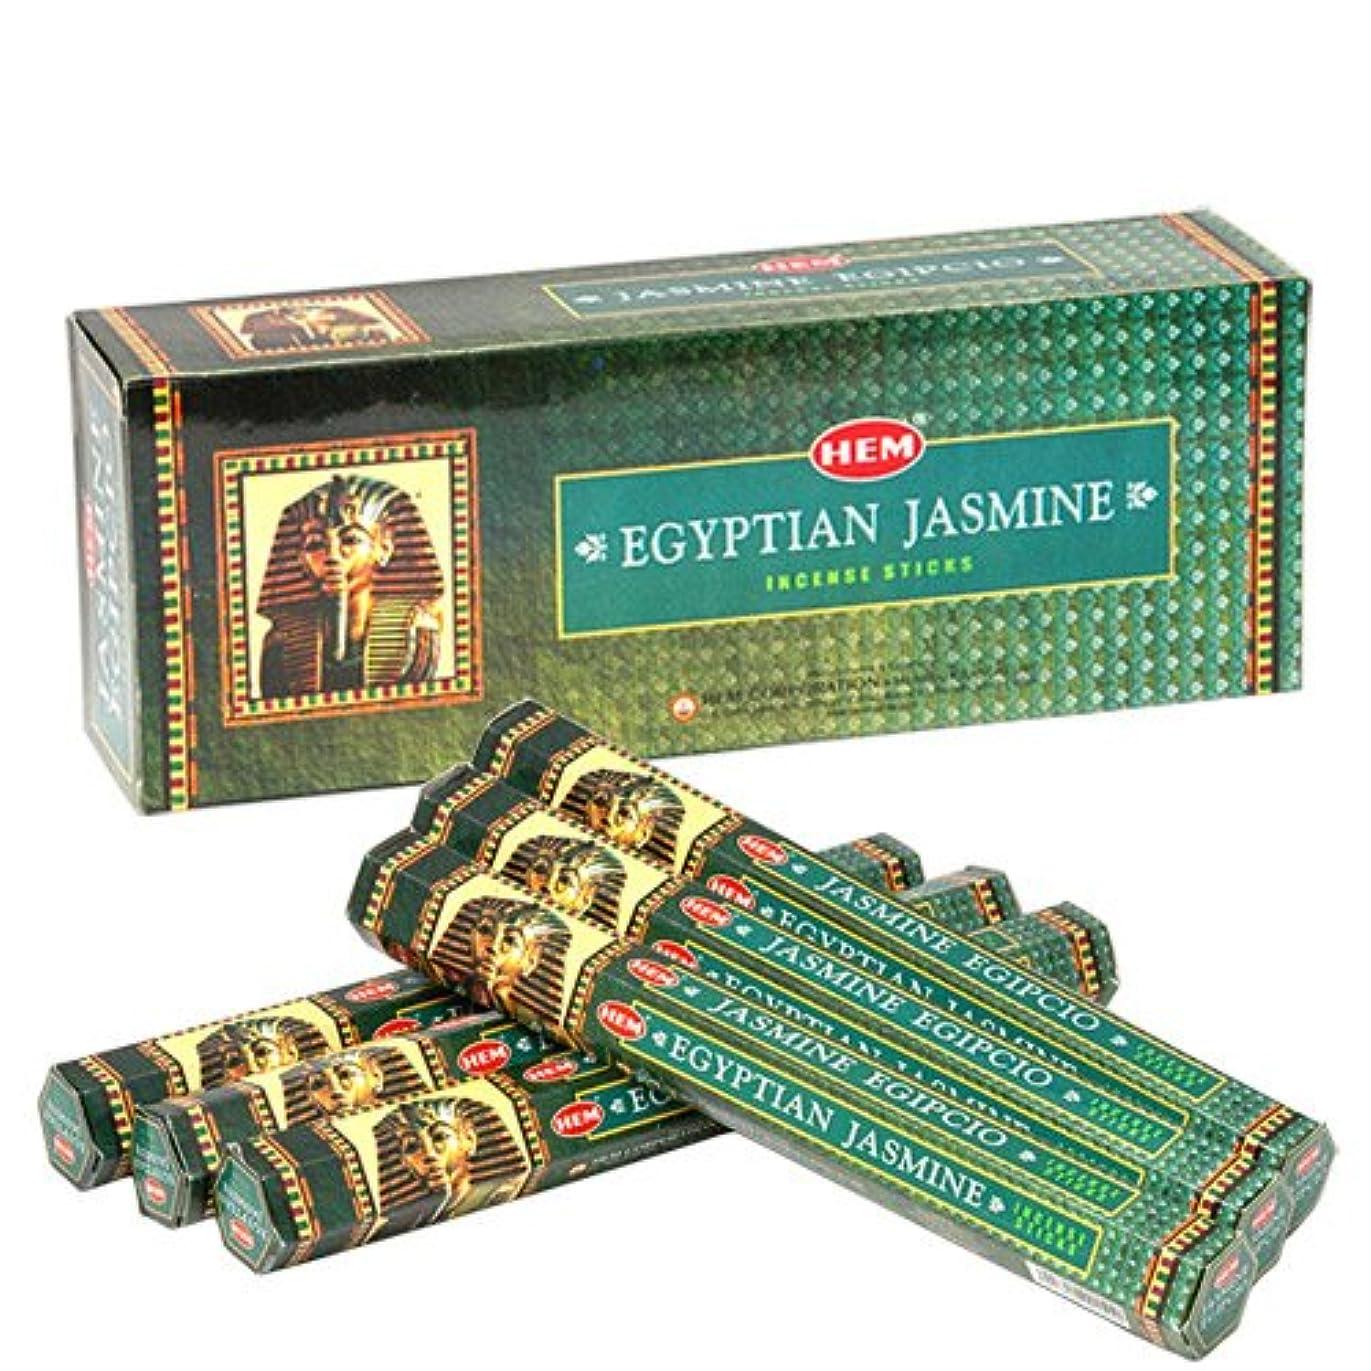 ふつう可愛いスコットランド人HEMインセンススティック エジプシャンジャスミン 6角(20本入)×6箱